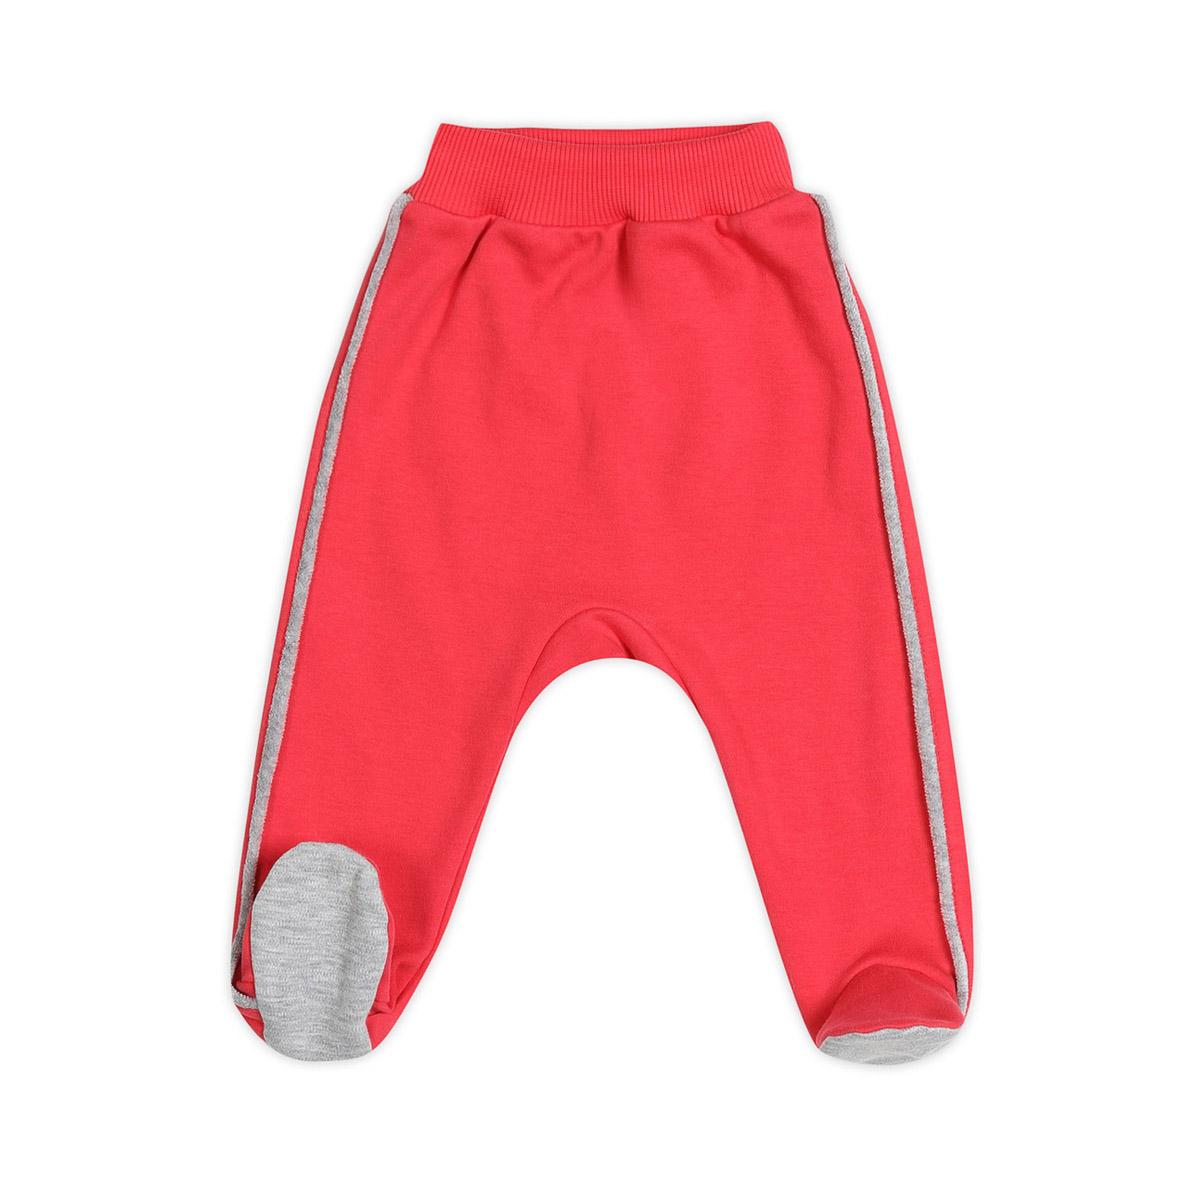 Ползунки с ножками Ёмаё Спорт (26-265) рост 56 ярко-розовый<br>